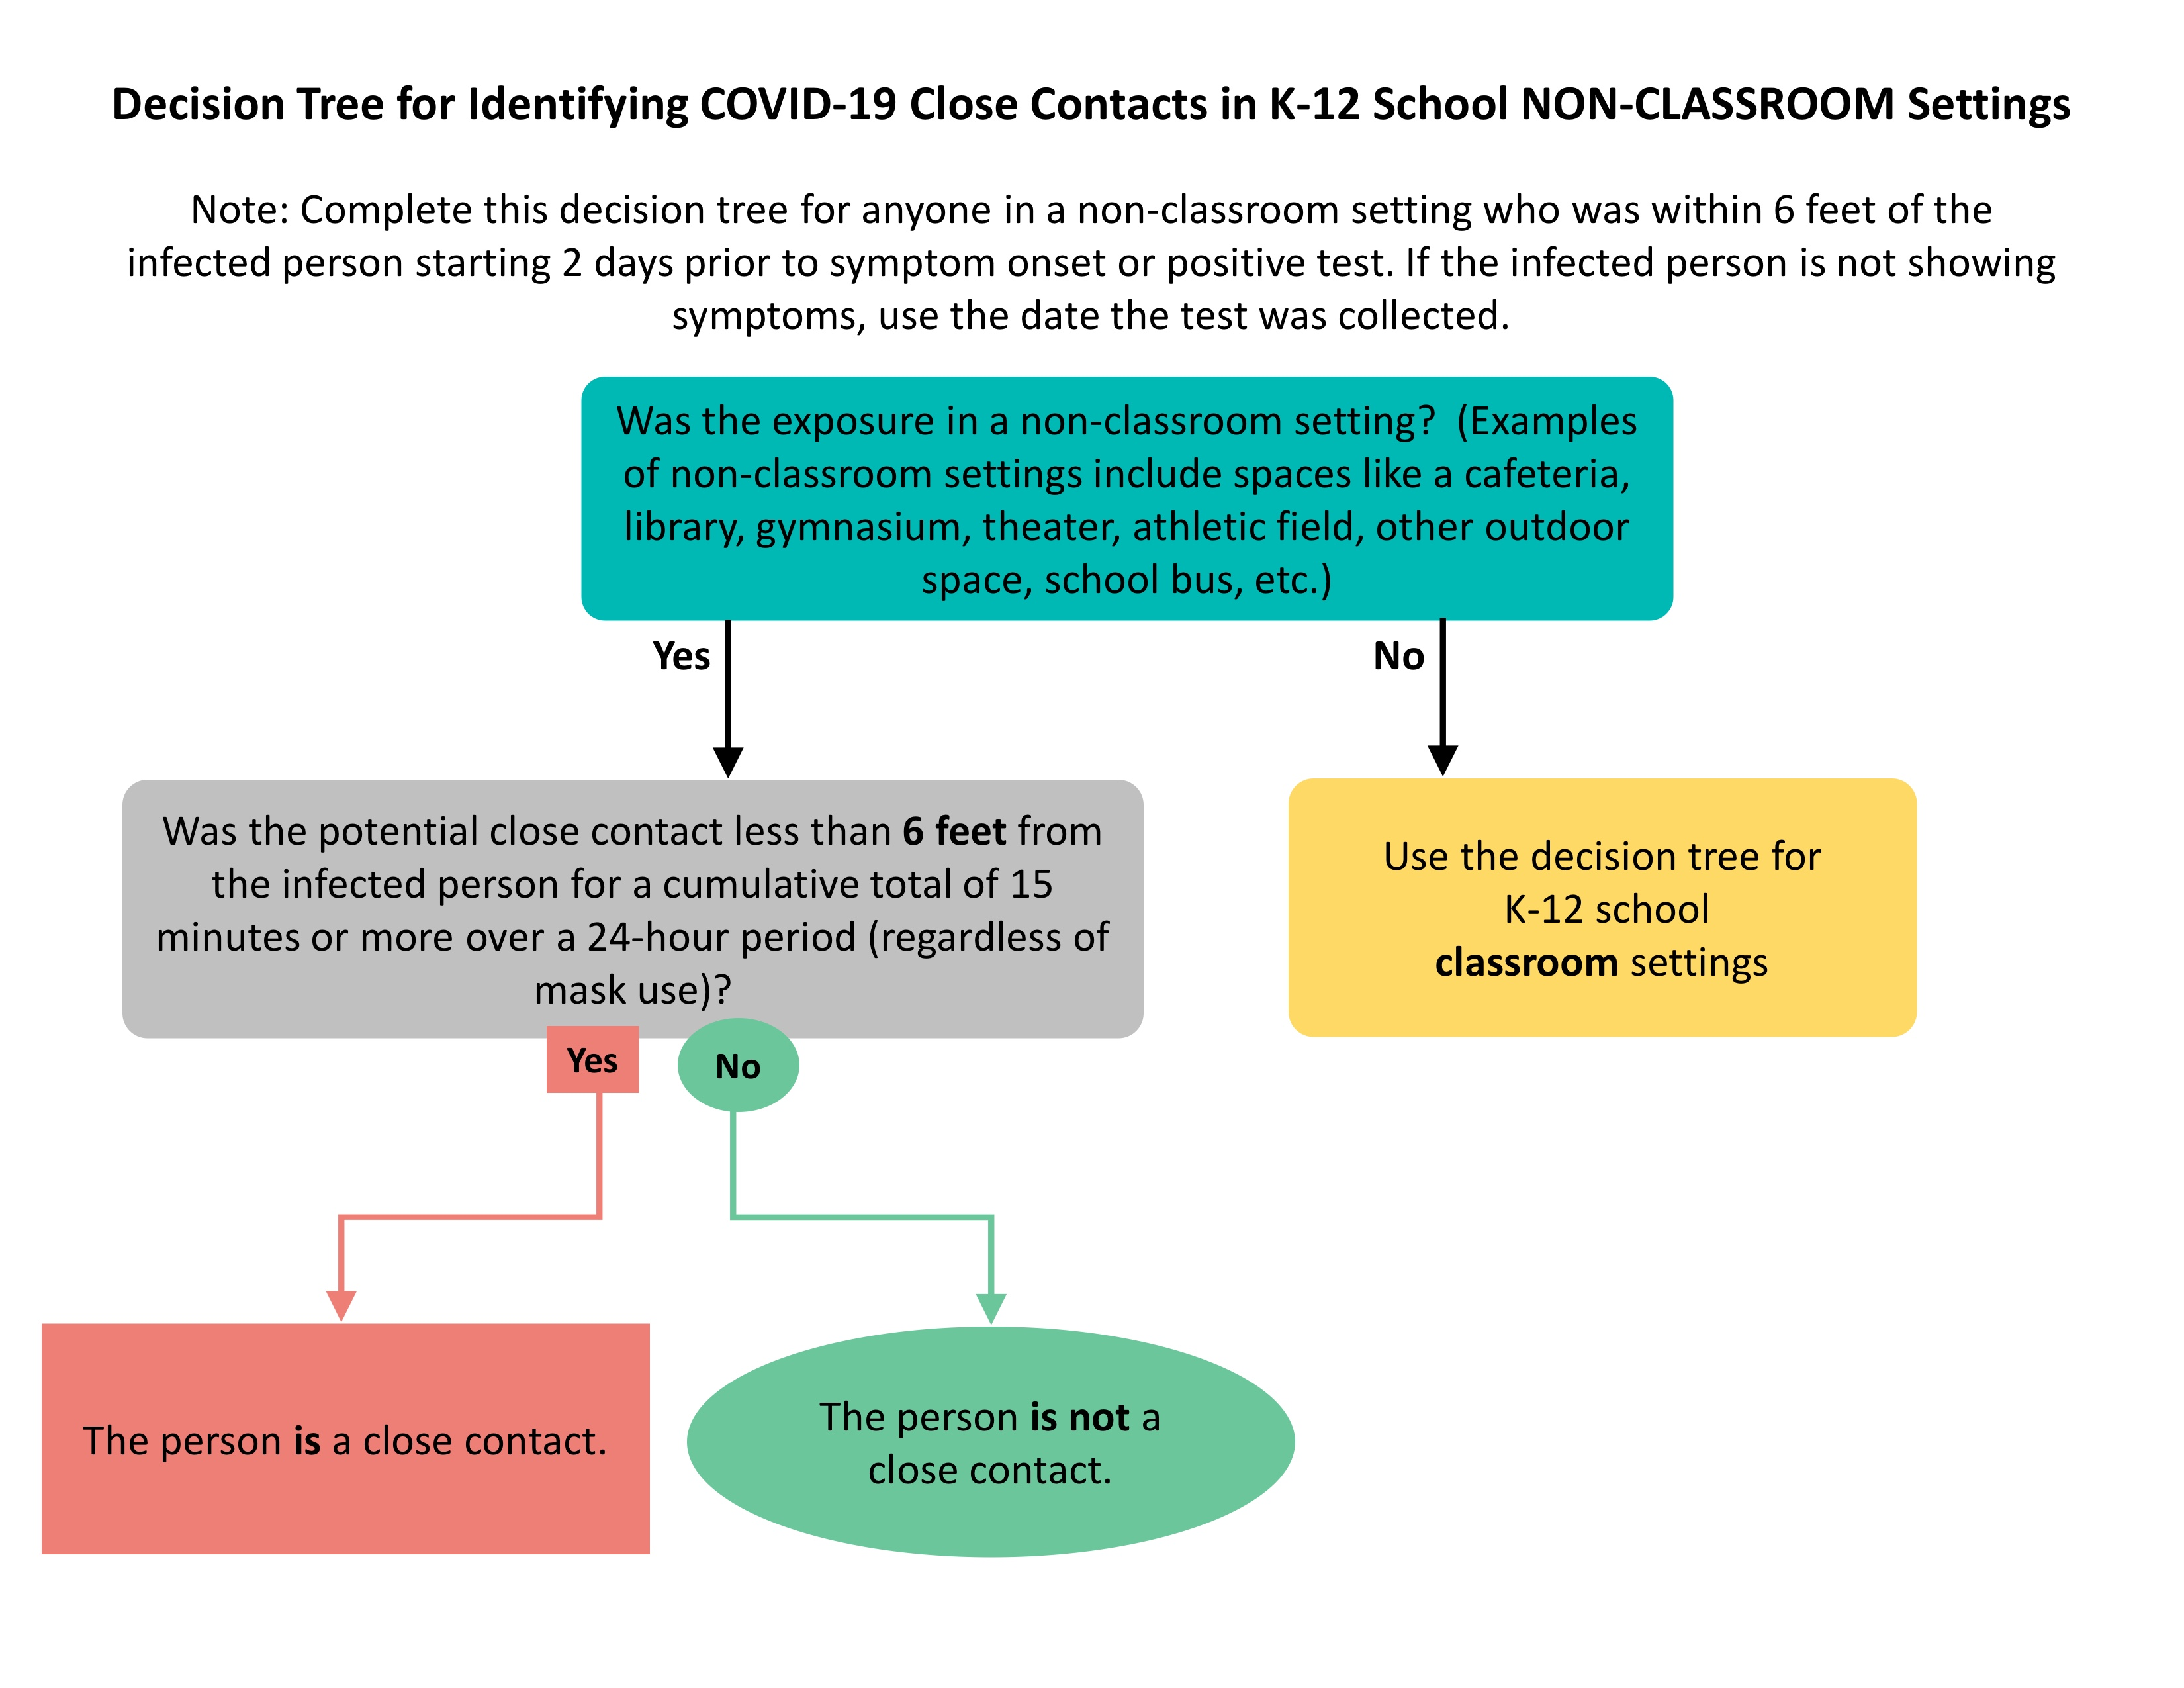 تعیین اینکه آیا دانش آموزان را از خارج از کلاس جدا می کنند یا نه